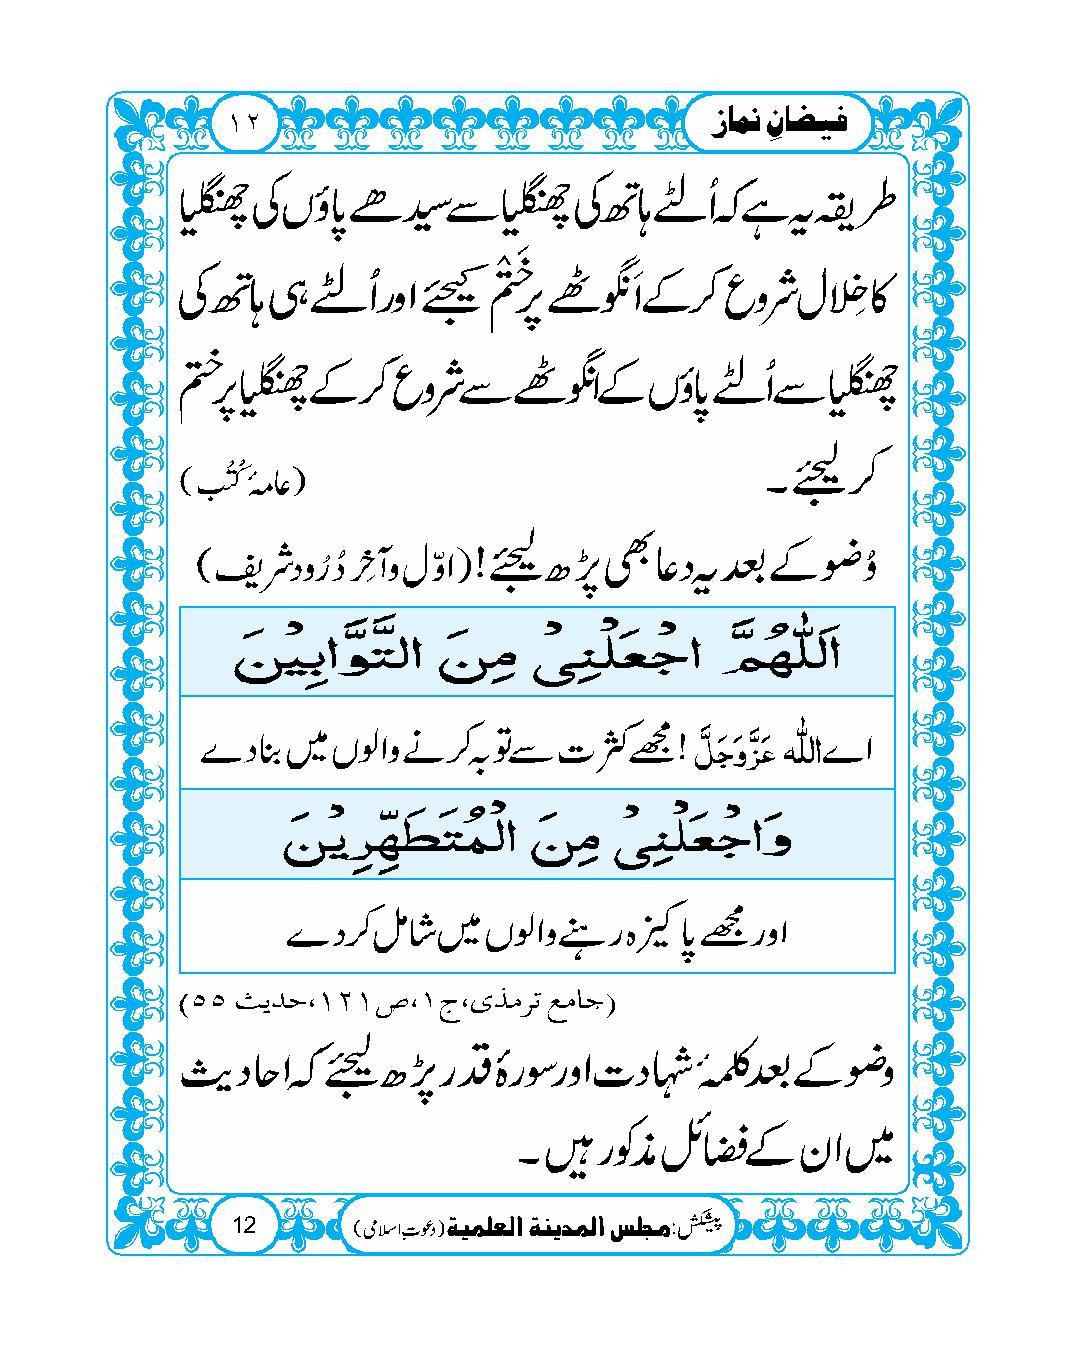 page No 12